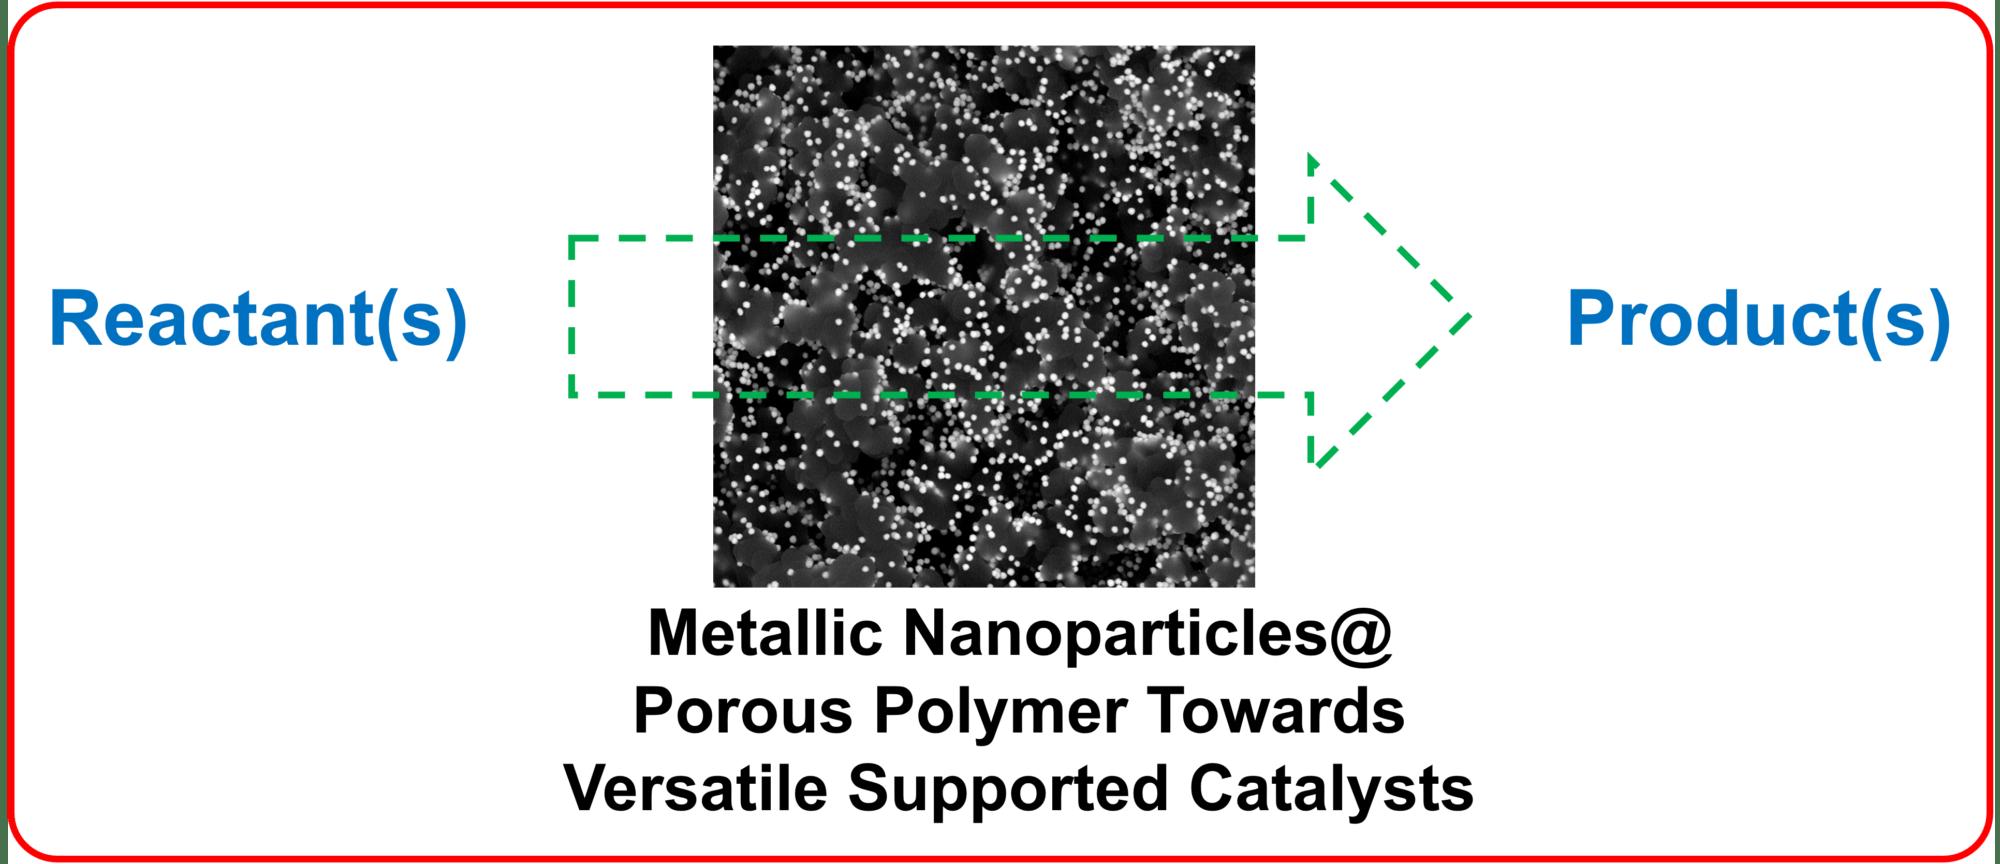 Hybrides nanoparticules métalliques@polymères poreux pour la catalyse hétérogène supportée